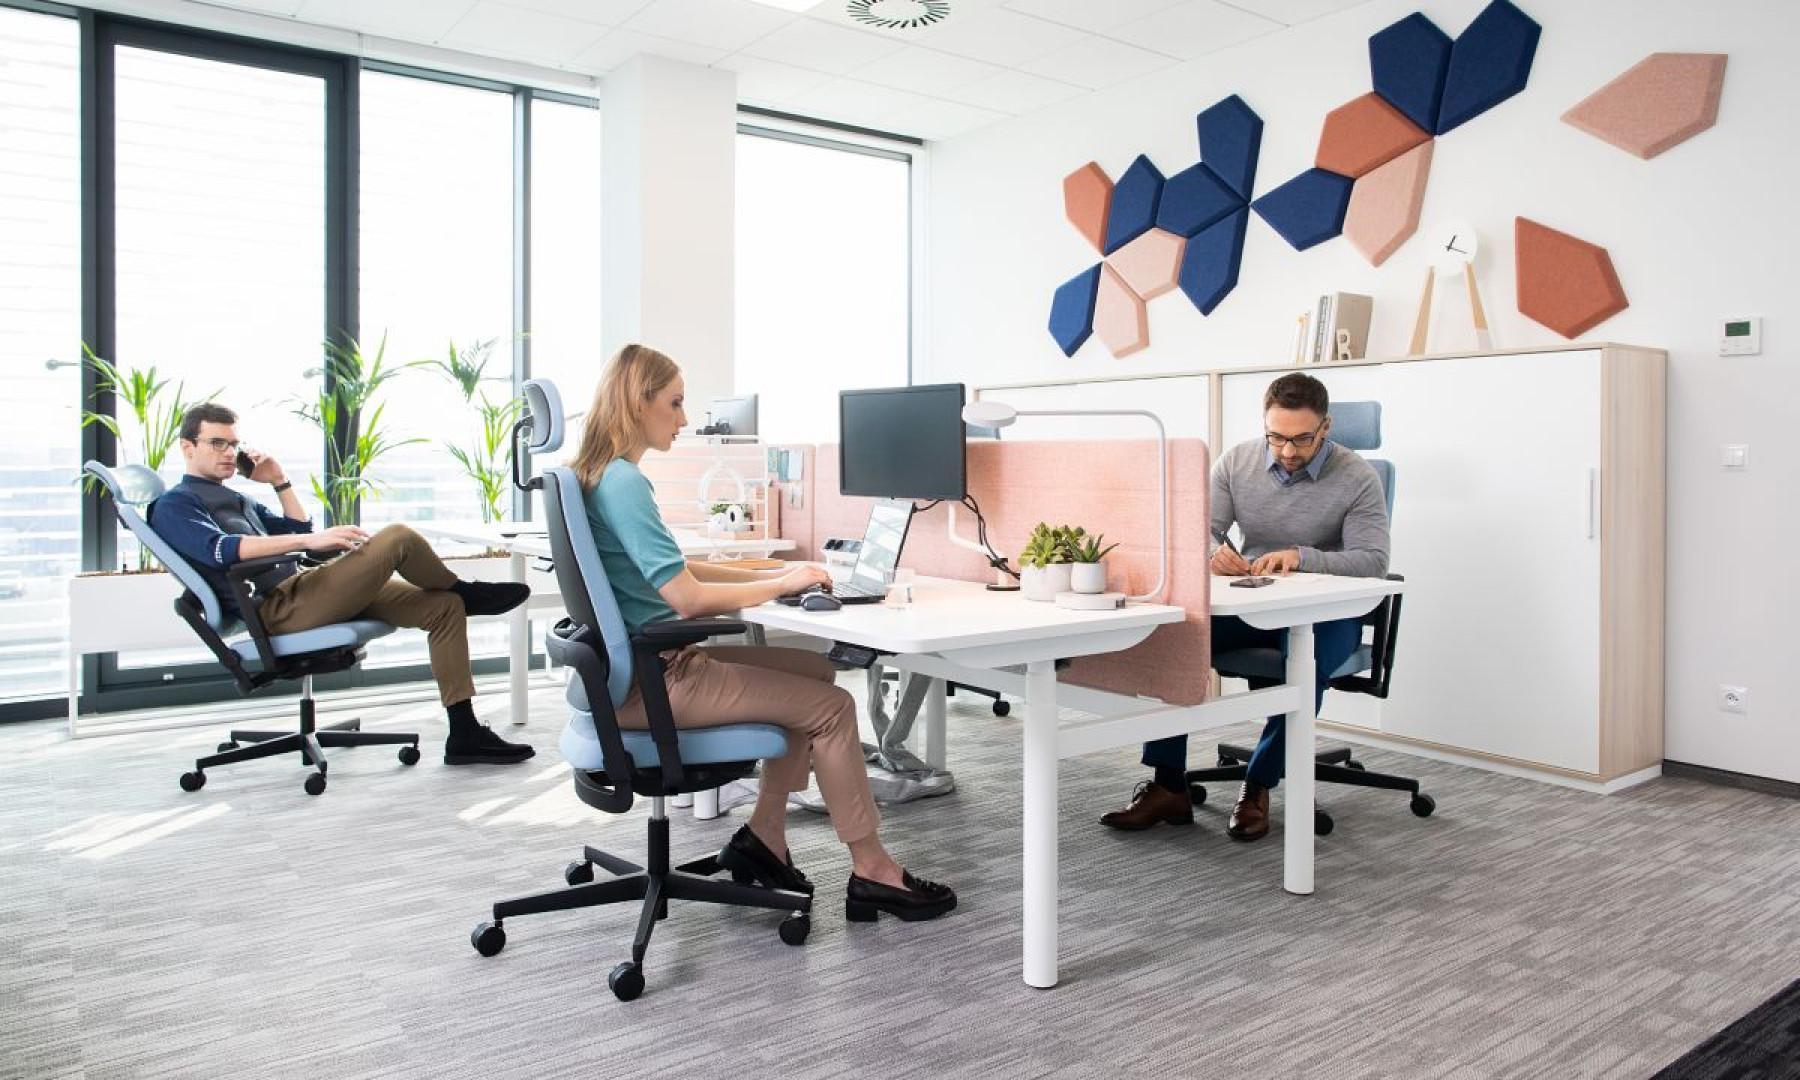 Krzesło Xilium z oferty Grupy Nowy Styl. Projekt: Martin Ballendat. Fot. Grupa Nowy Styl